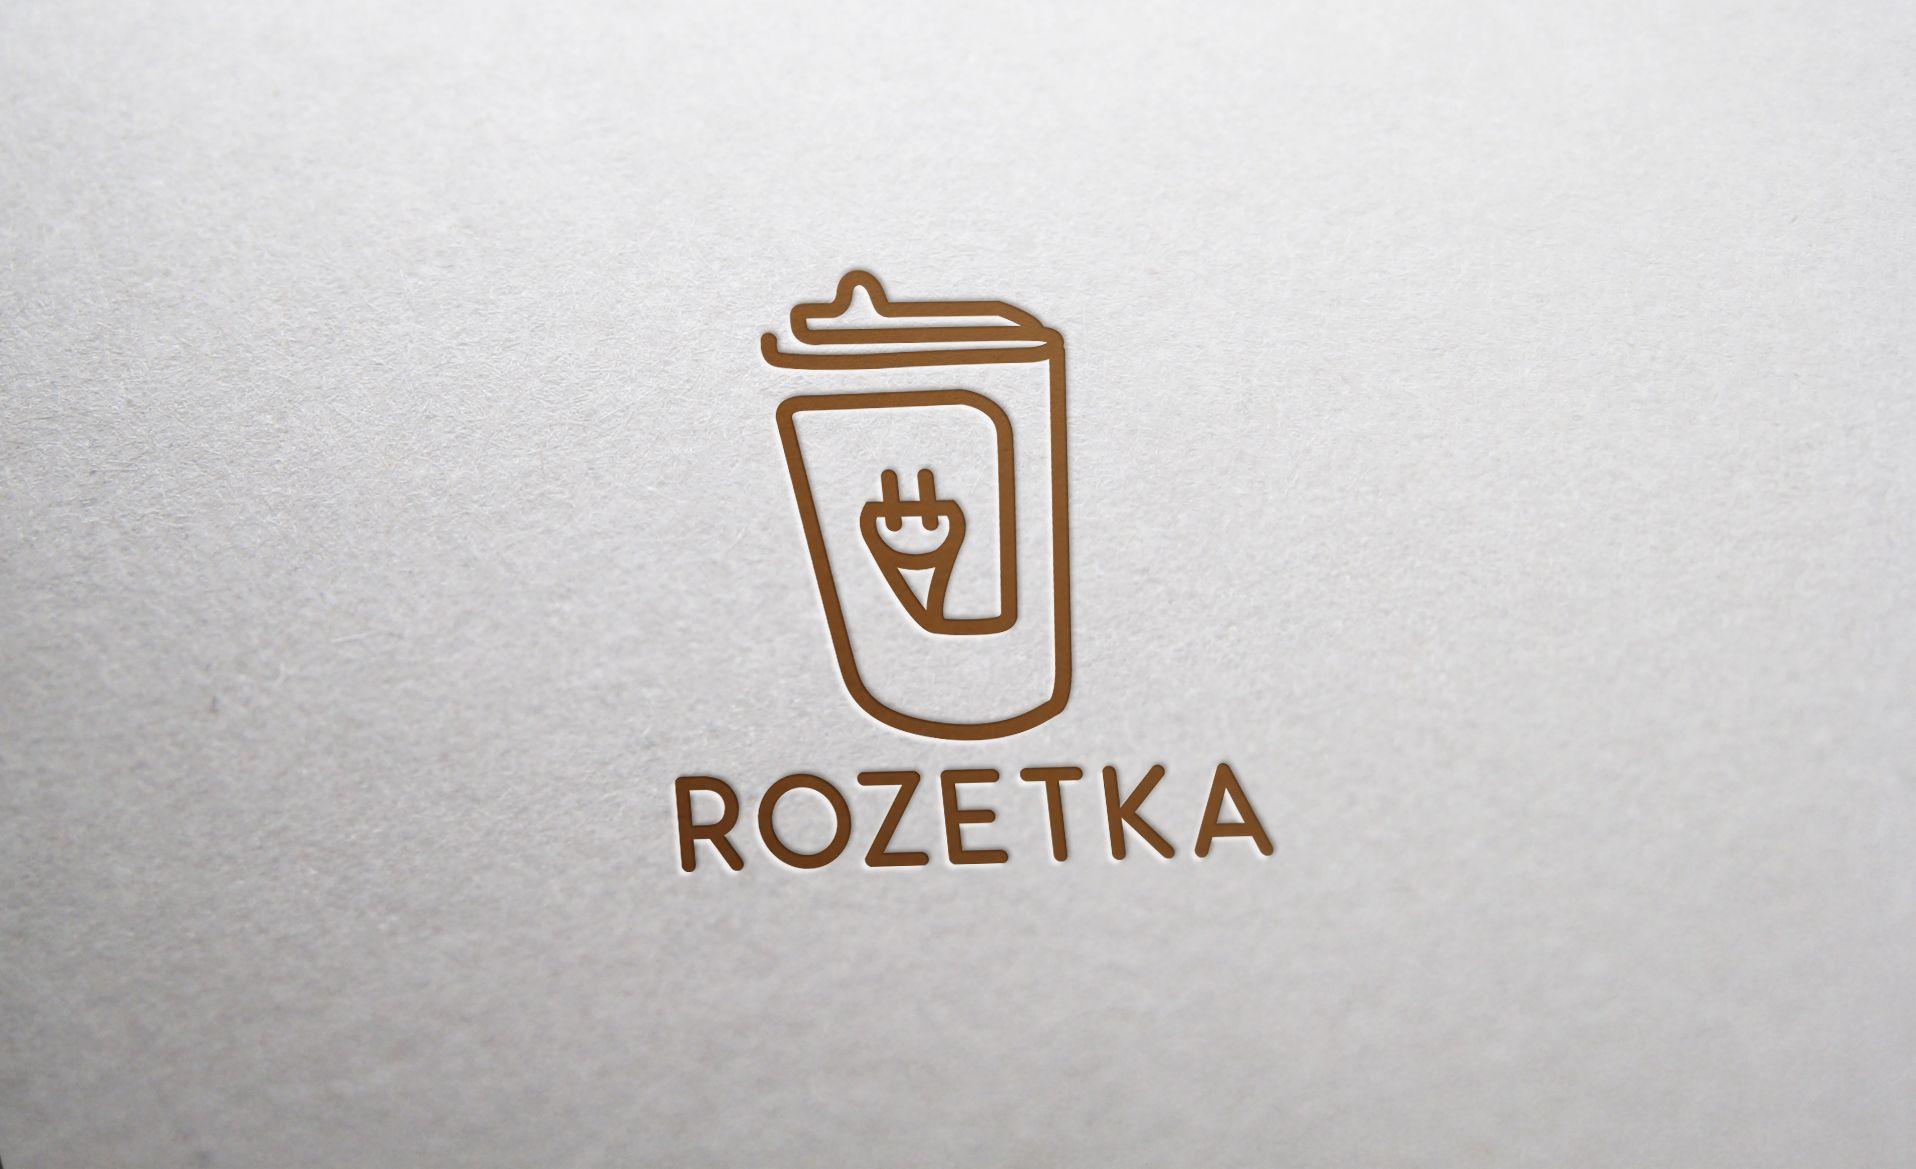 Логотип+Дизайн фирменного стиля для кофейни  - дизайнер WD-ProTeam